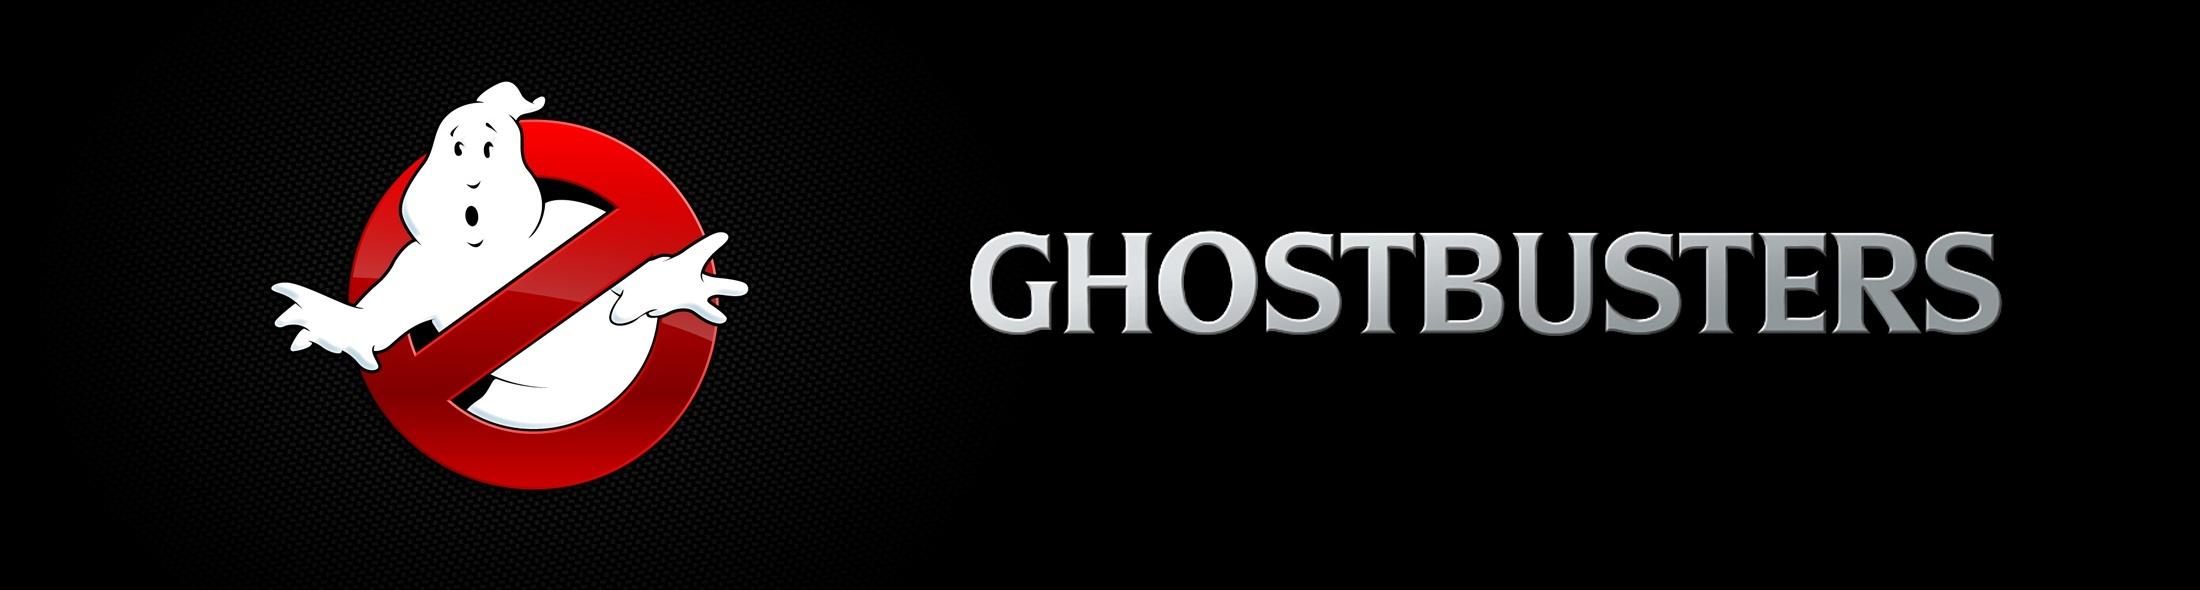 Koning & Eindbaas ghostbusters